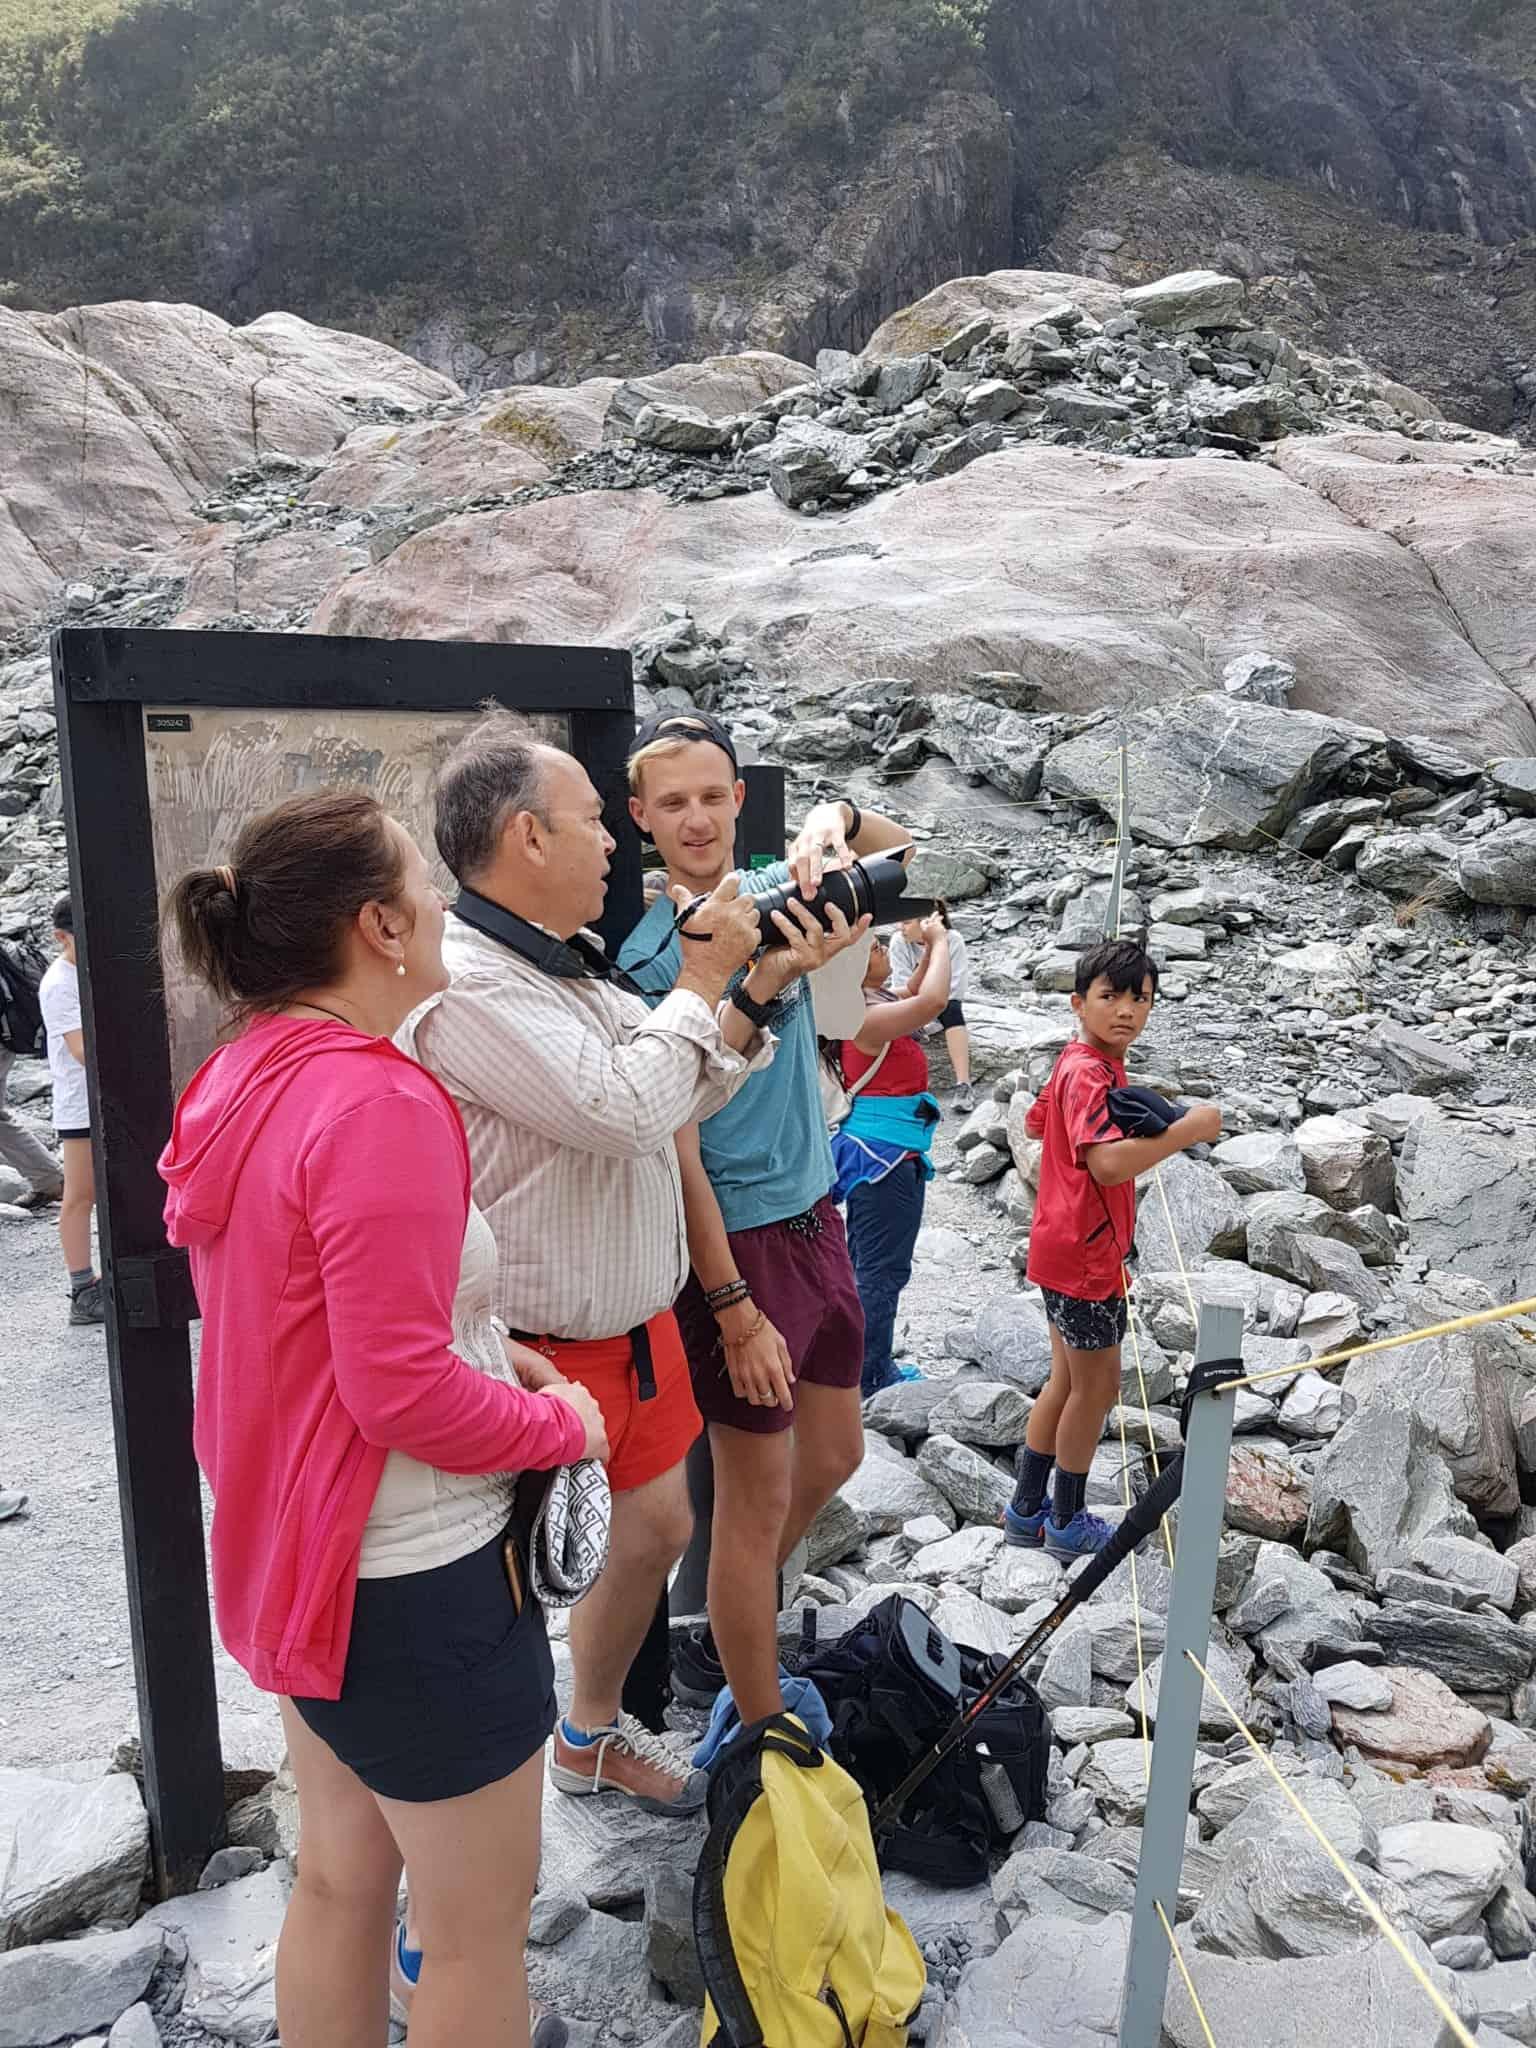 Nouvelle-Zélande, on chausse les baskets pour voir le Glacier Franz Josef 👟 10